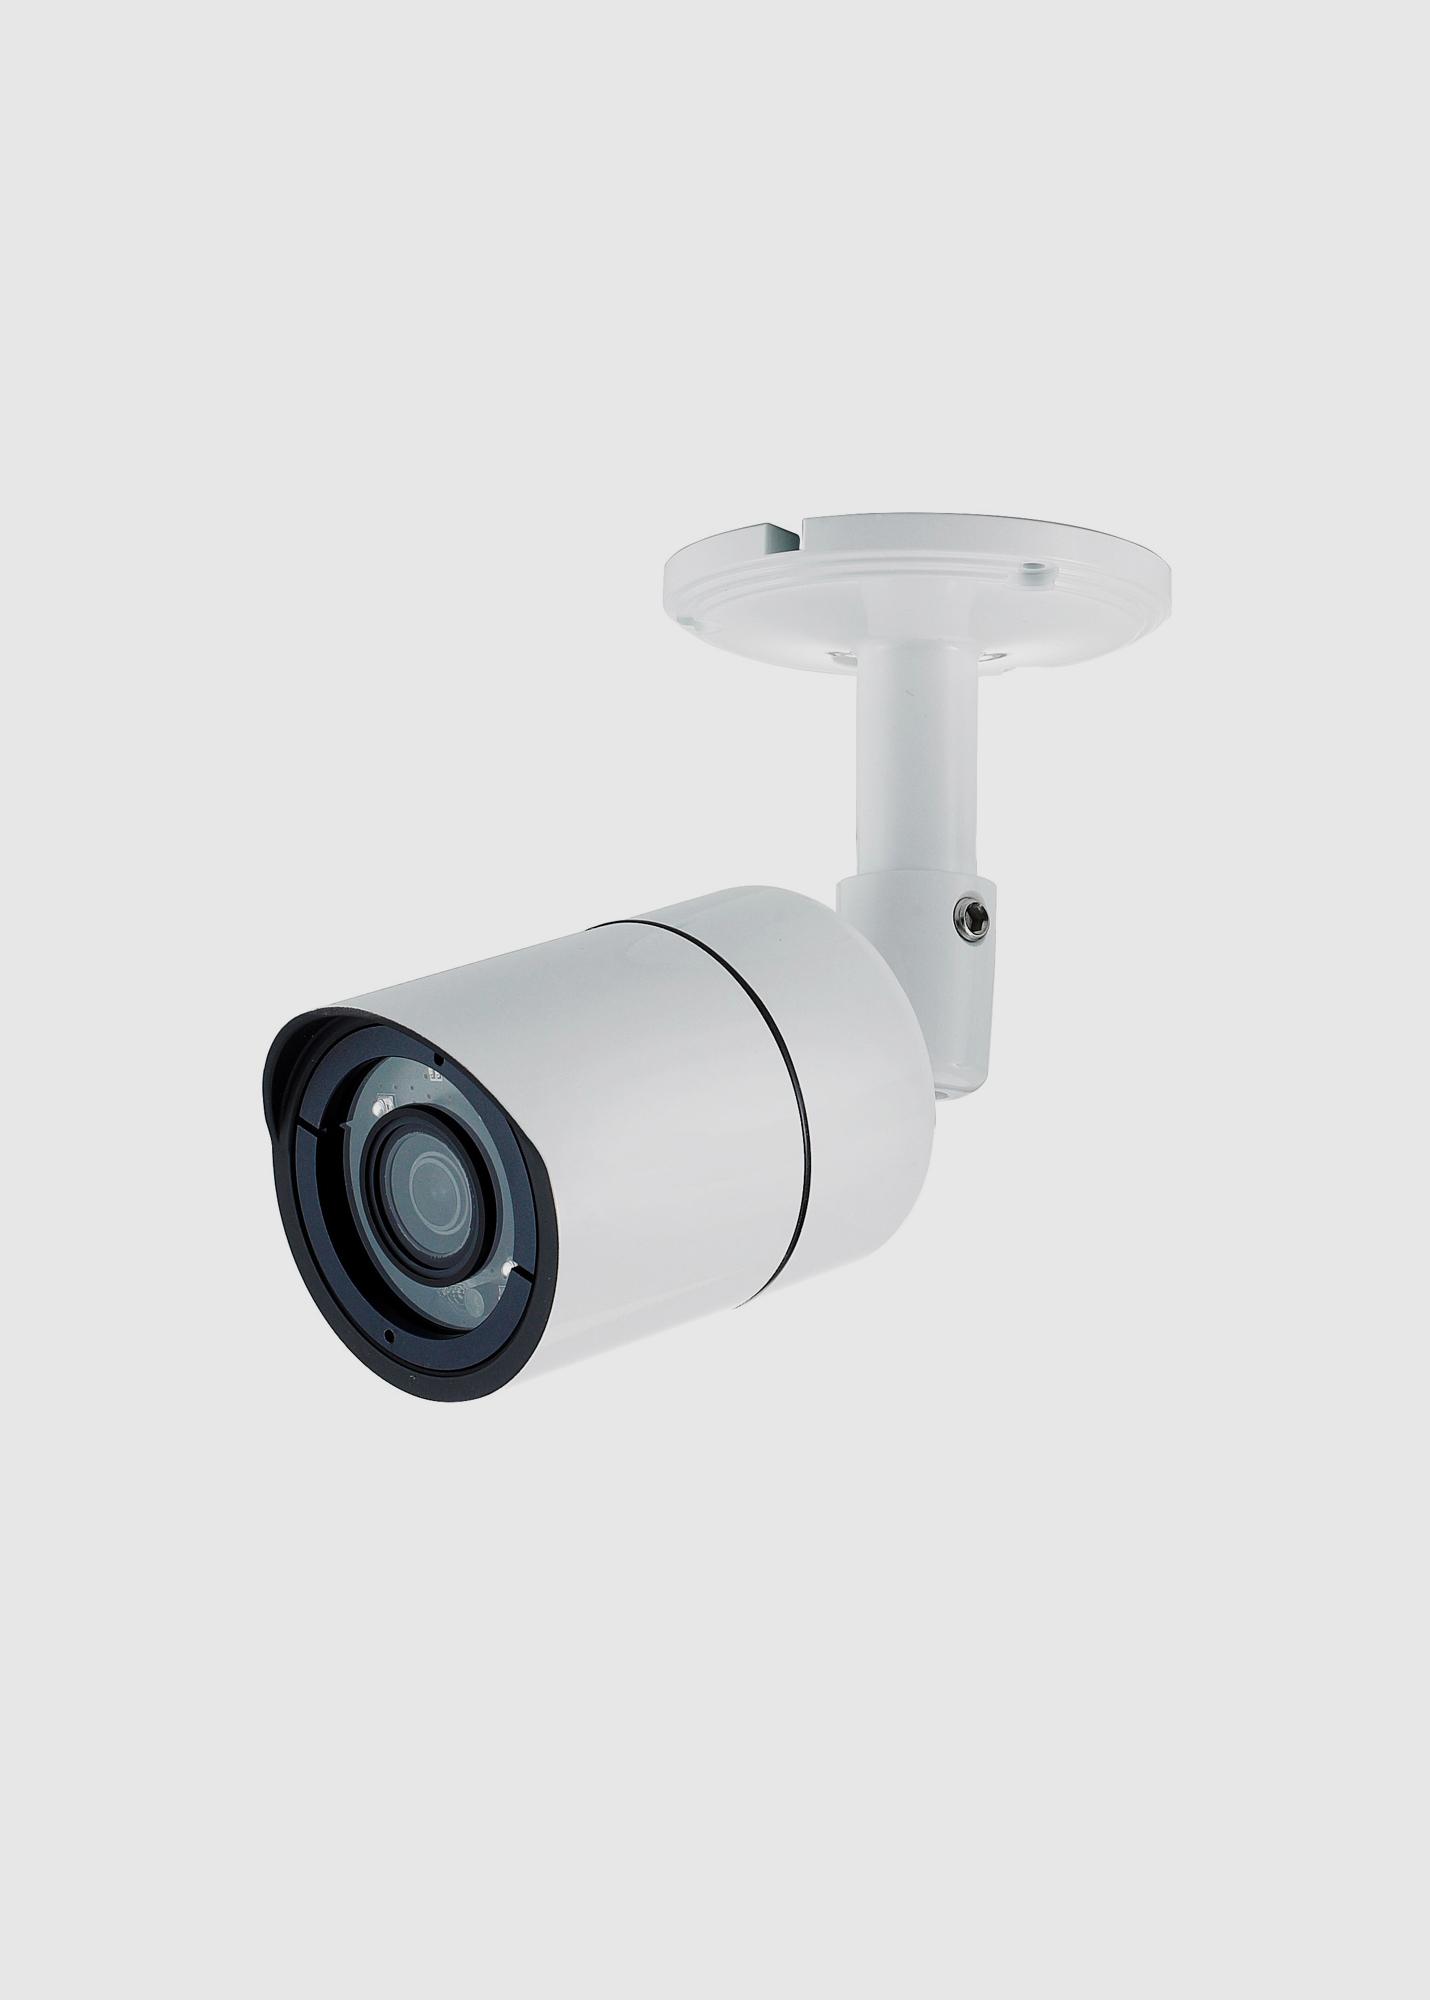 Maine cameras